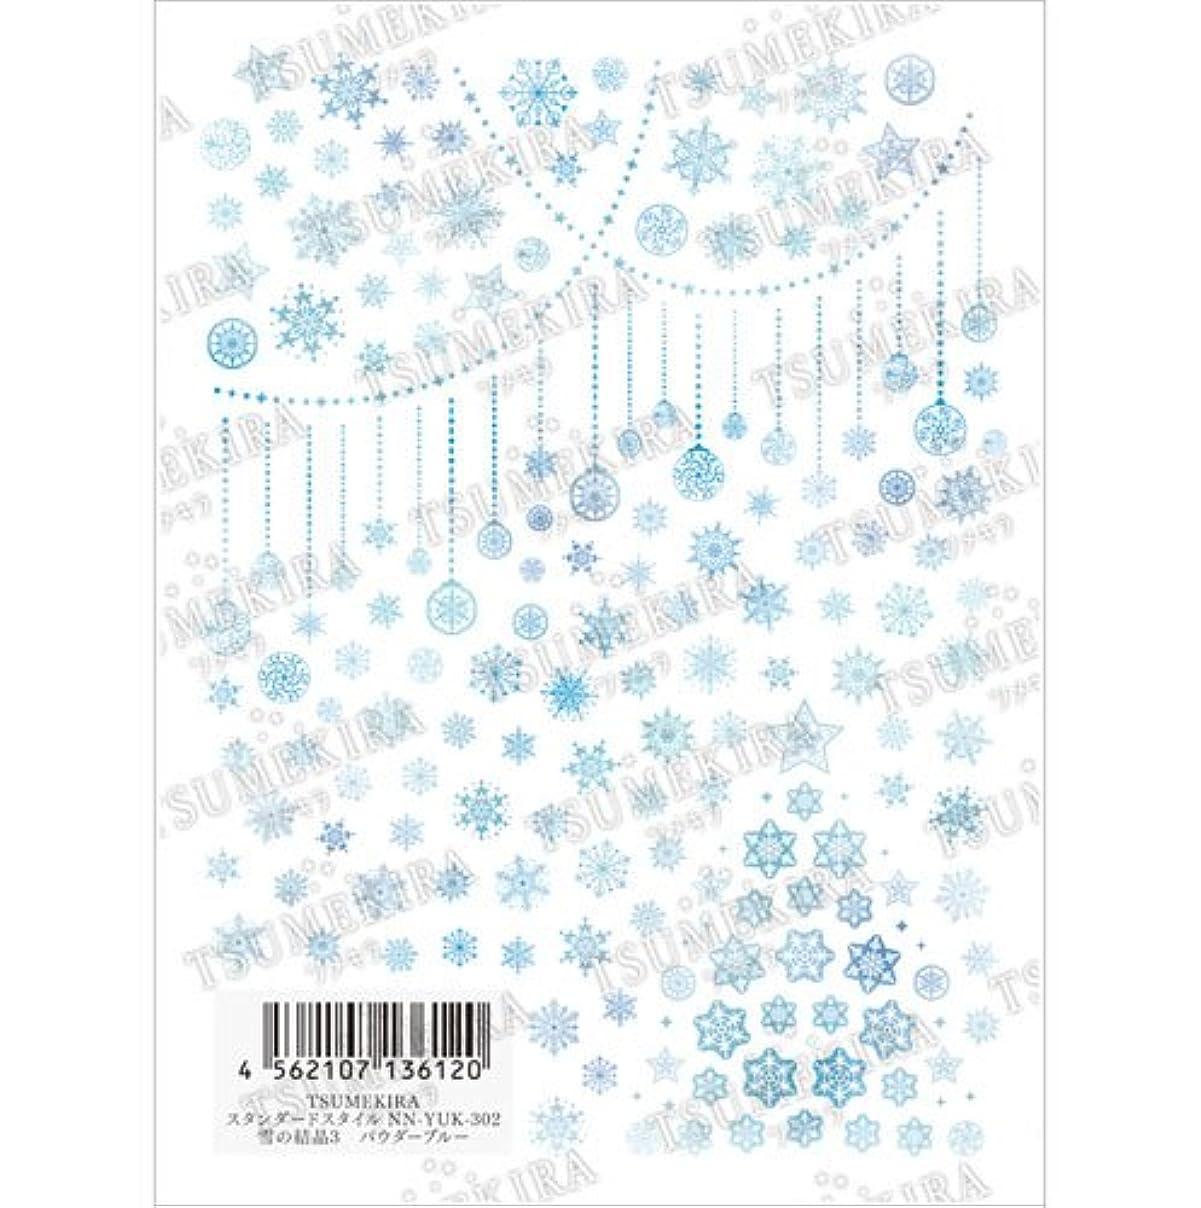 バース流行している石鹸ツメキラ(TSUMEKIRA) ネイル用シール 雪の結晶3 NN-YUK-302